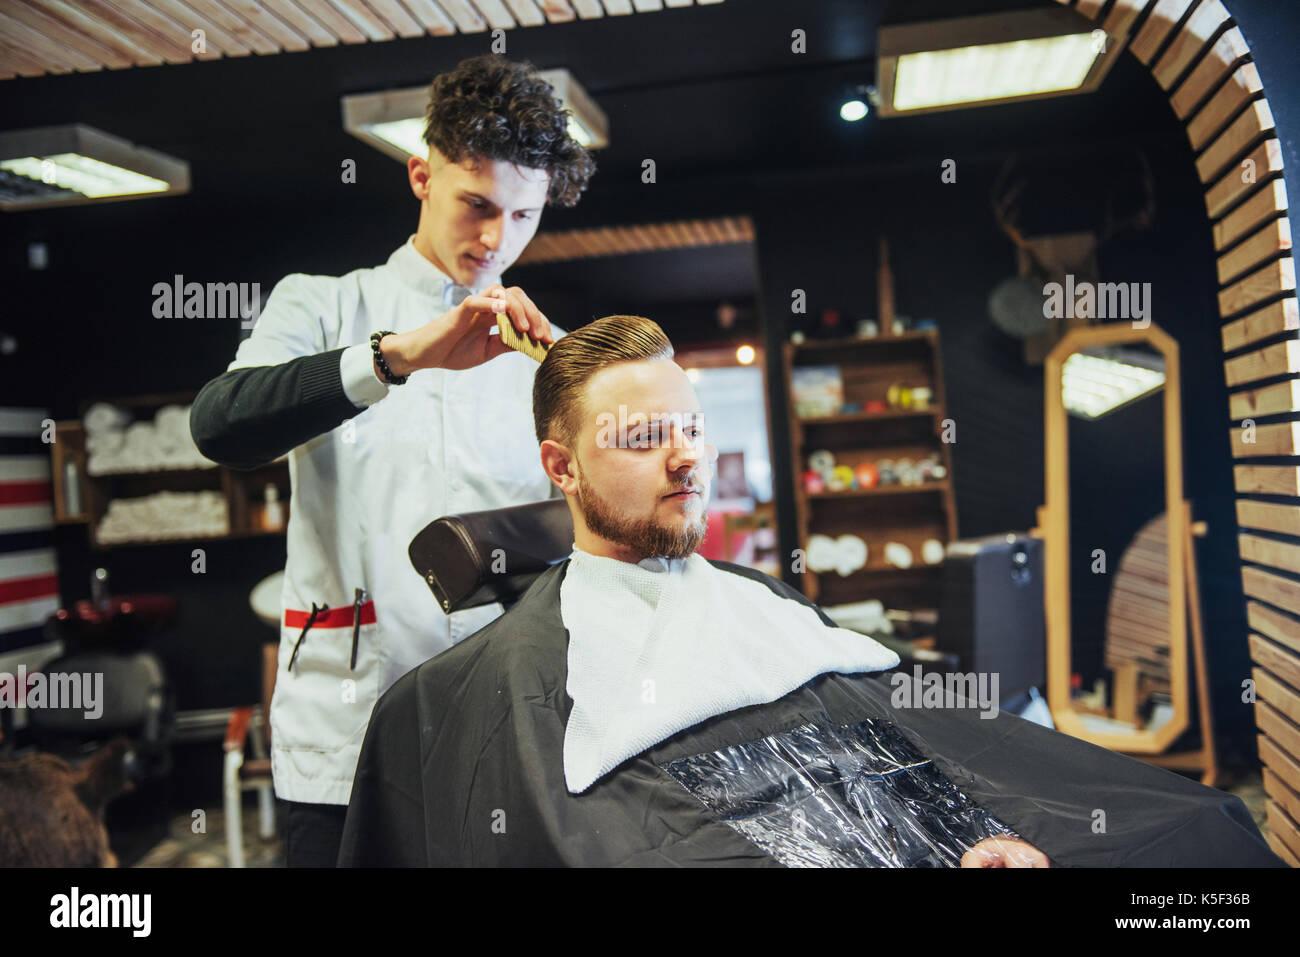 Le salon de coiffure homme en train de couper la barbe de tondeuse électrique client Photo Stock